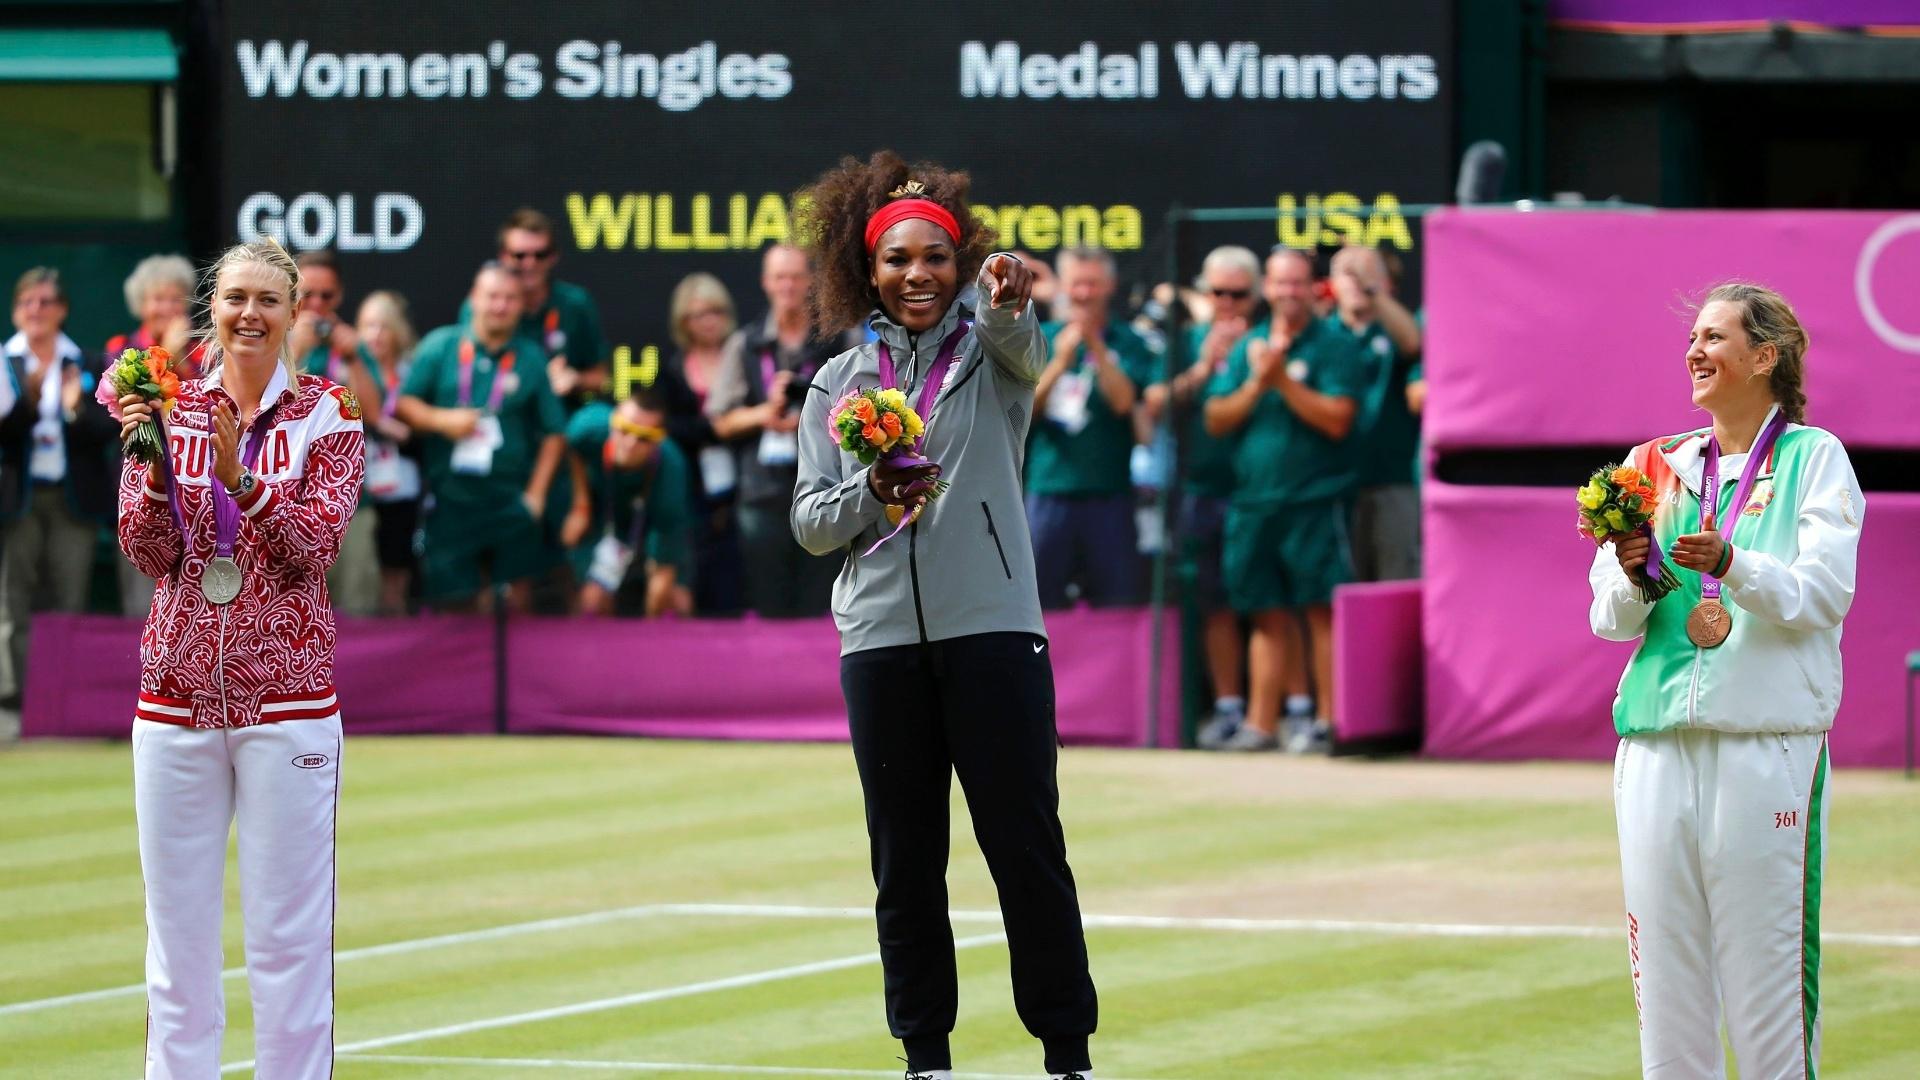 Maria Sharapova (e), Serena Williams (c) e Victoria Azarenka divertem-se no pódio durante a cerimônia de premiação do tênis em Londres (04/08/2012)